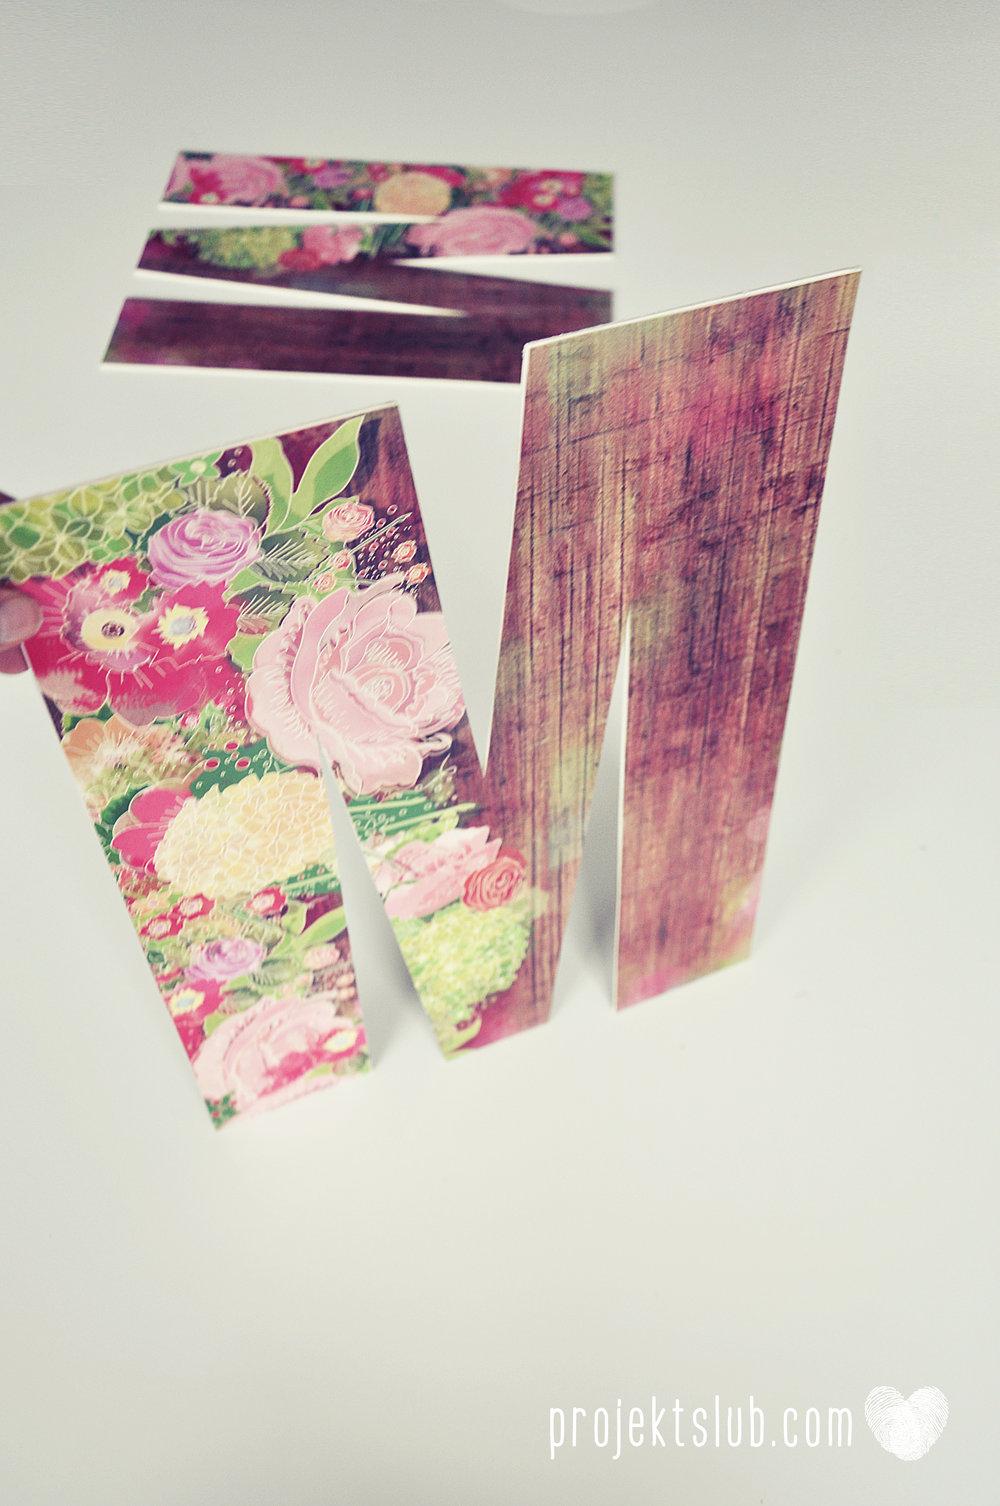 Zaproszenia ślubne wedding festival wianki kwiatowe drewno eko rustykalne boho kolorowe kwiaty festiwalowe wesele Projekt Ślub  (20).JPG